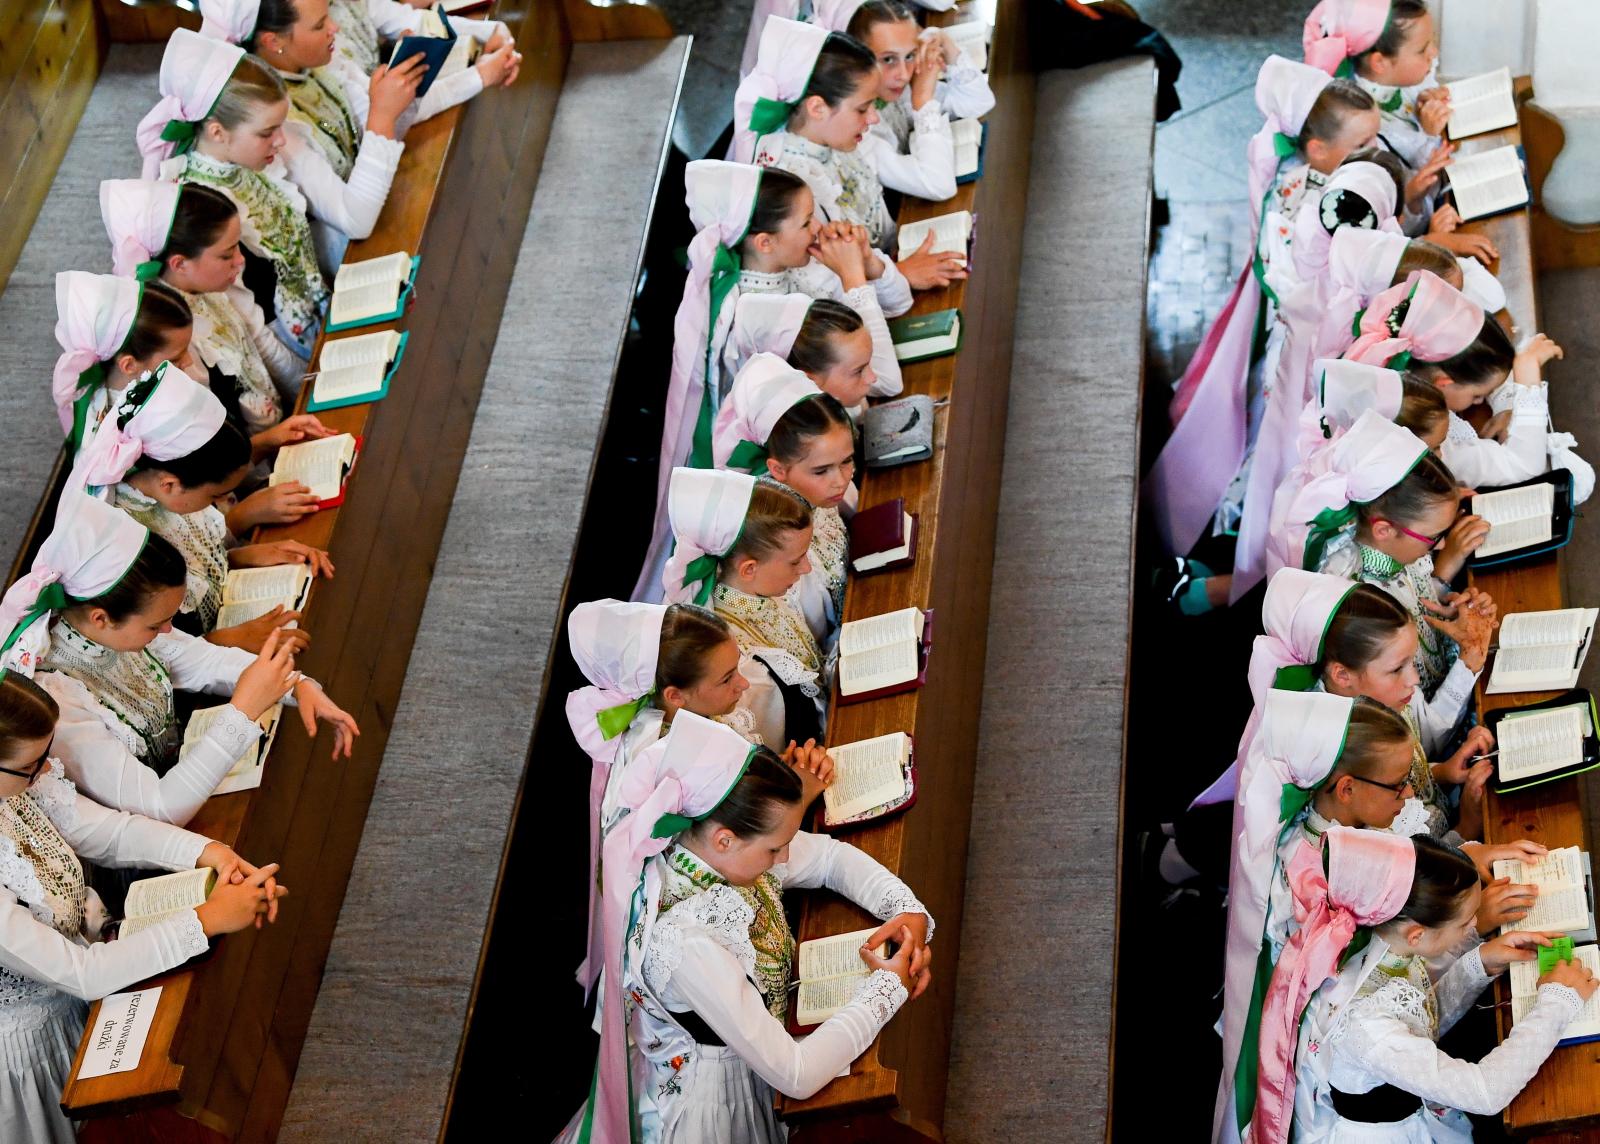 Boże Ciało w Niemczech EPA/FILIP SINGER